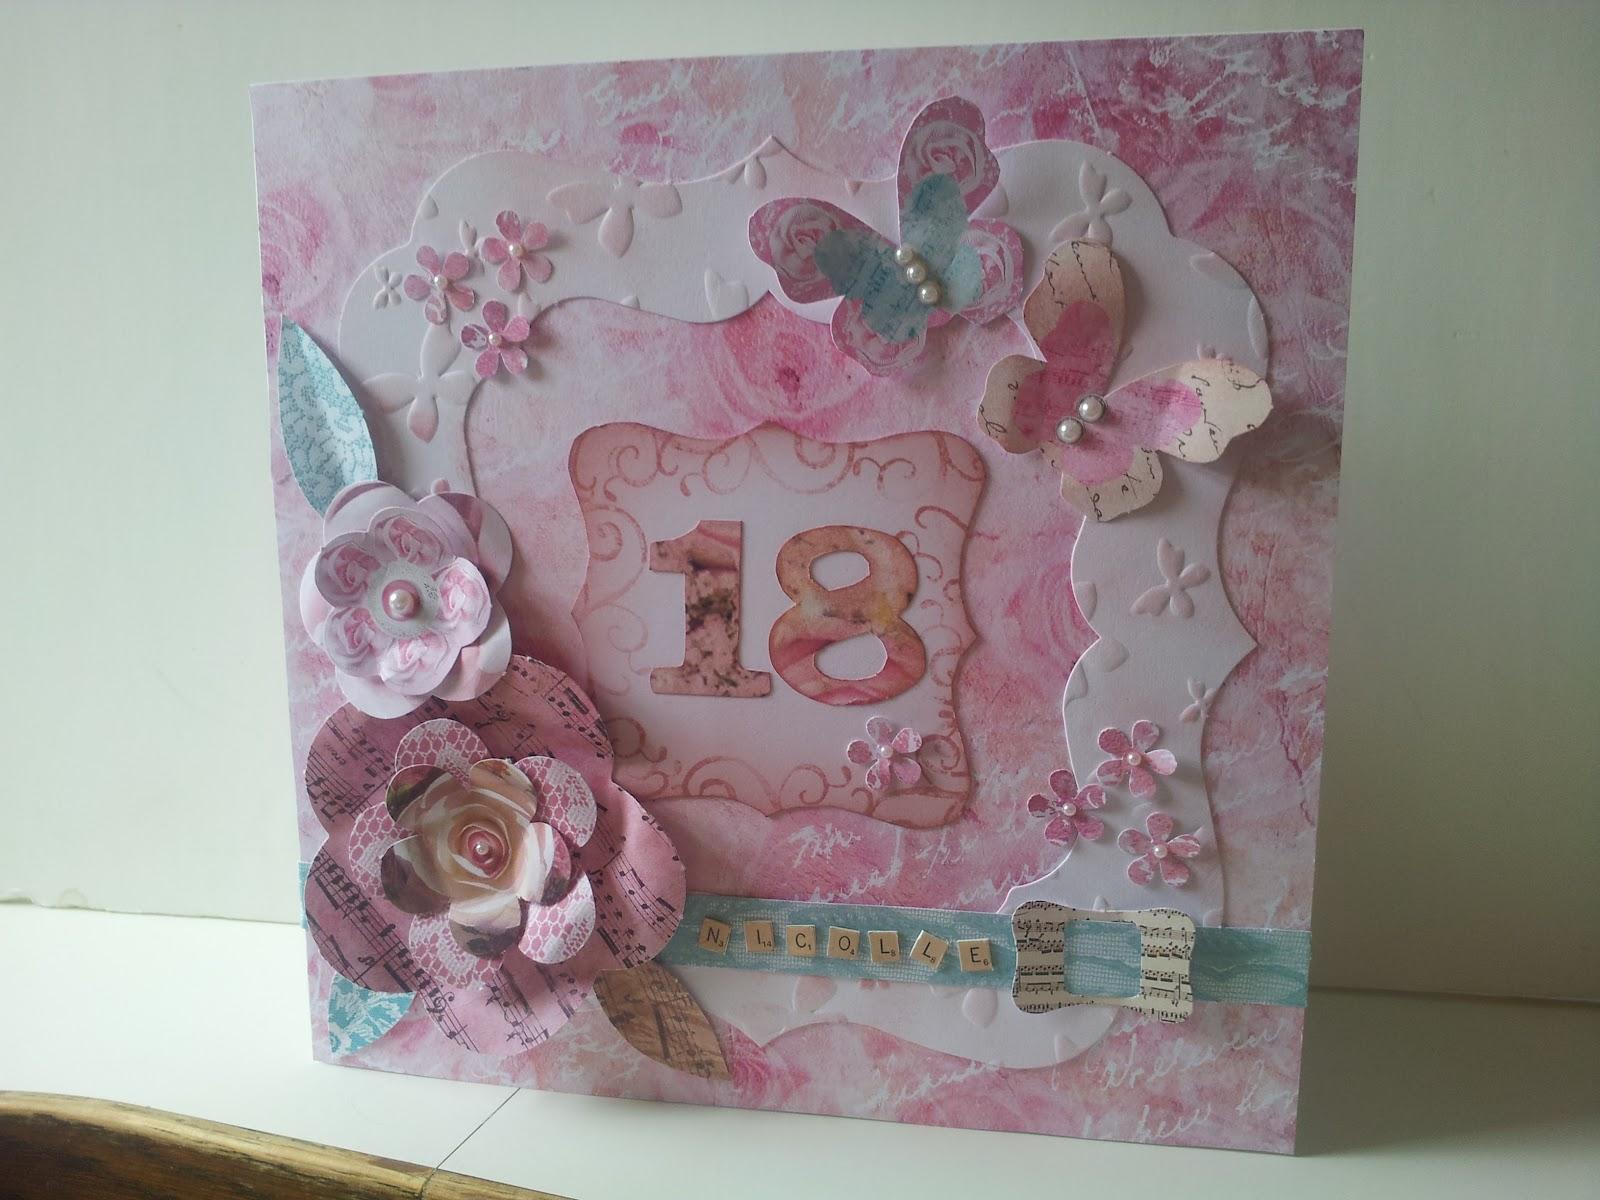 Sues Card Craft: 18th birthday card